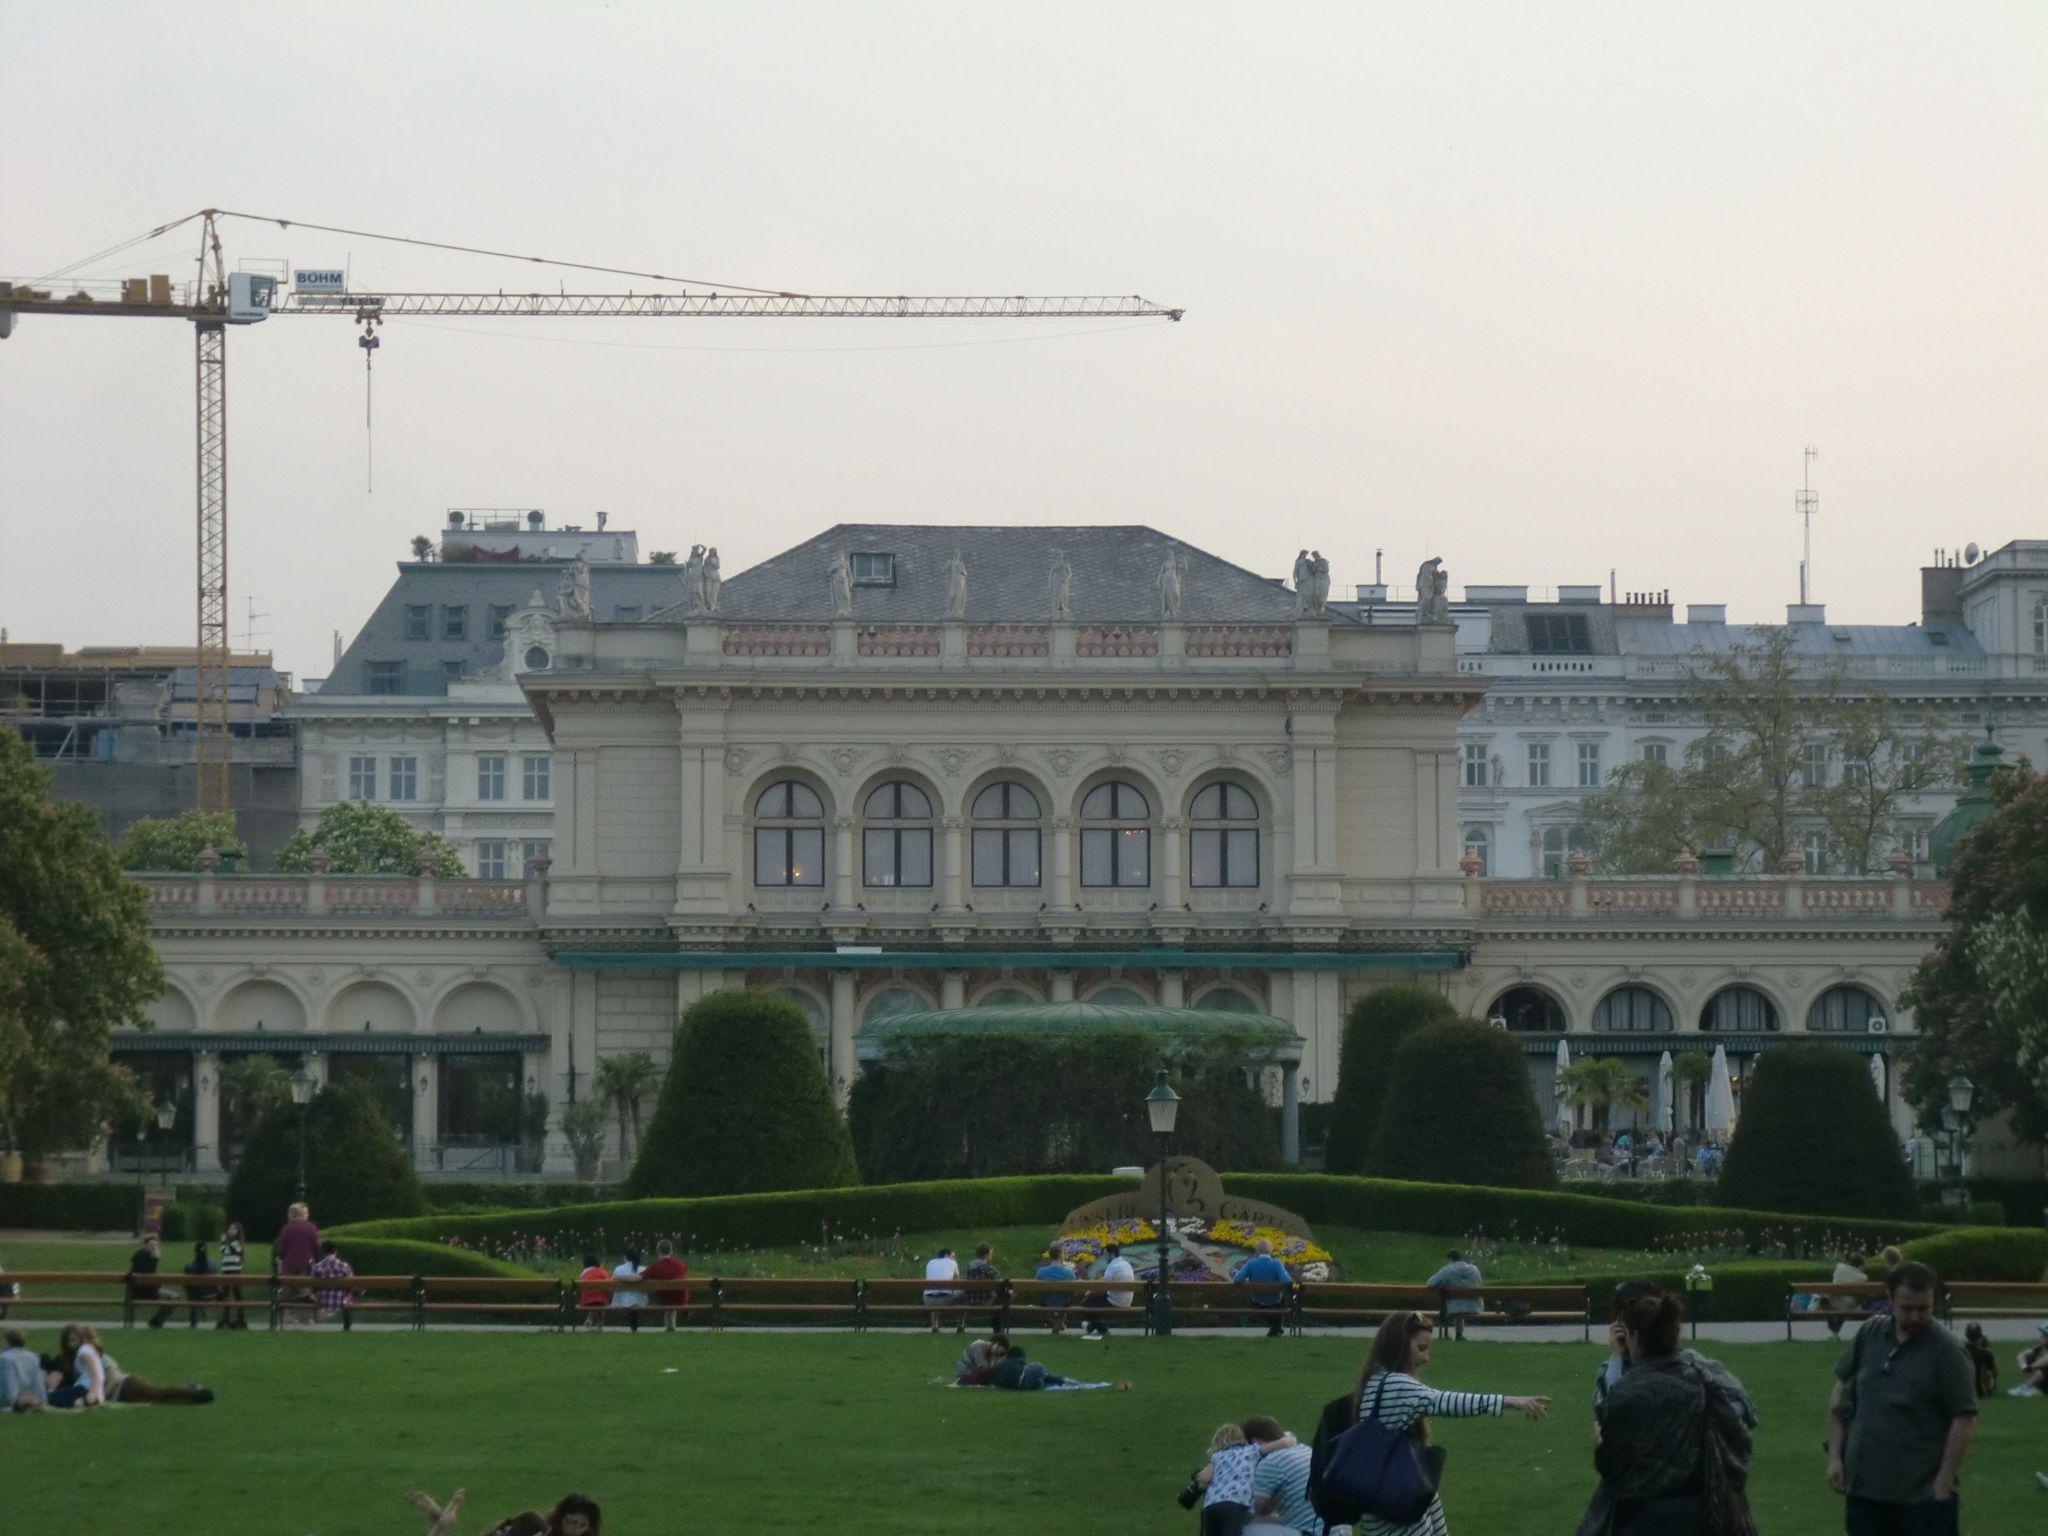 Vienna park 27 1440x1080 - Vienna: elegant beauty